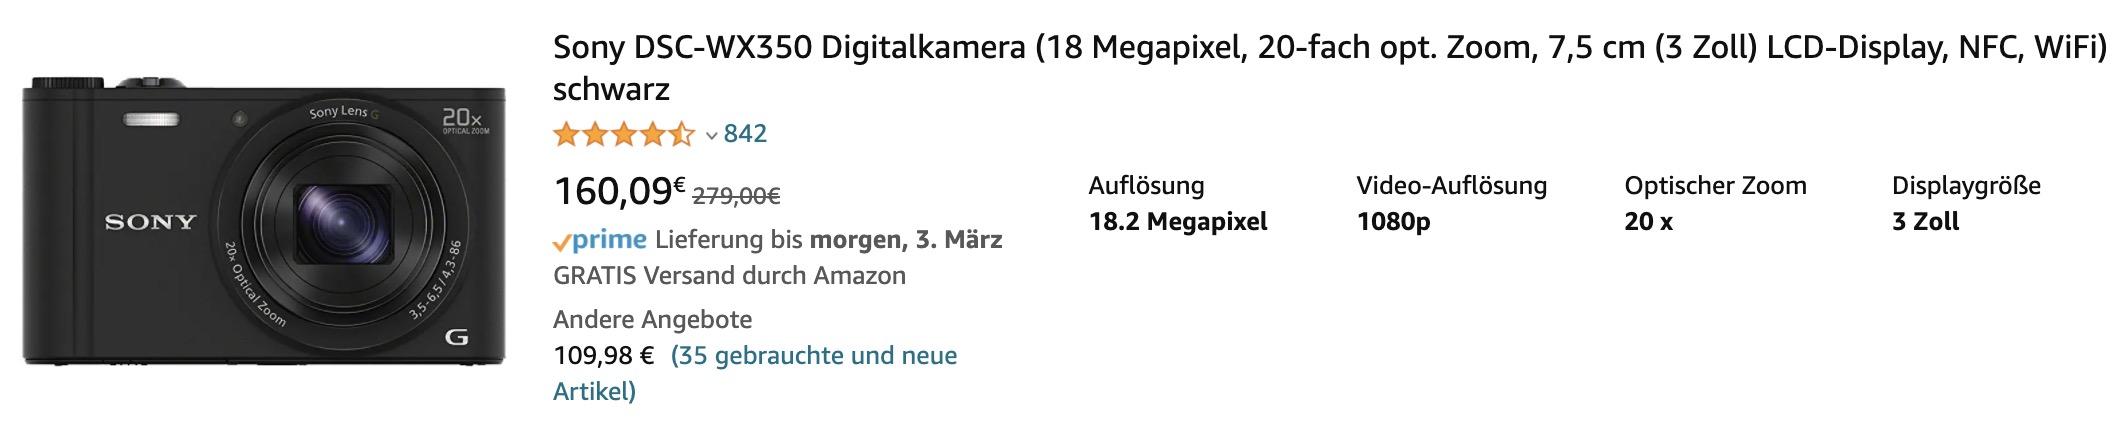 Die Thumbnails auf den Amazon-Kategorieseiten zeigen eine Vorschau auf das Produkt. Hier ist eine Höhe von 150 Pixel Standard.